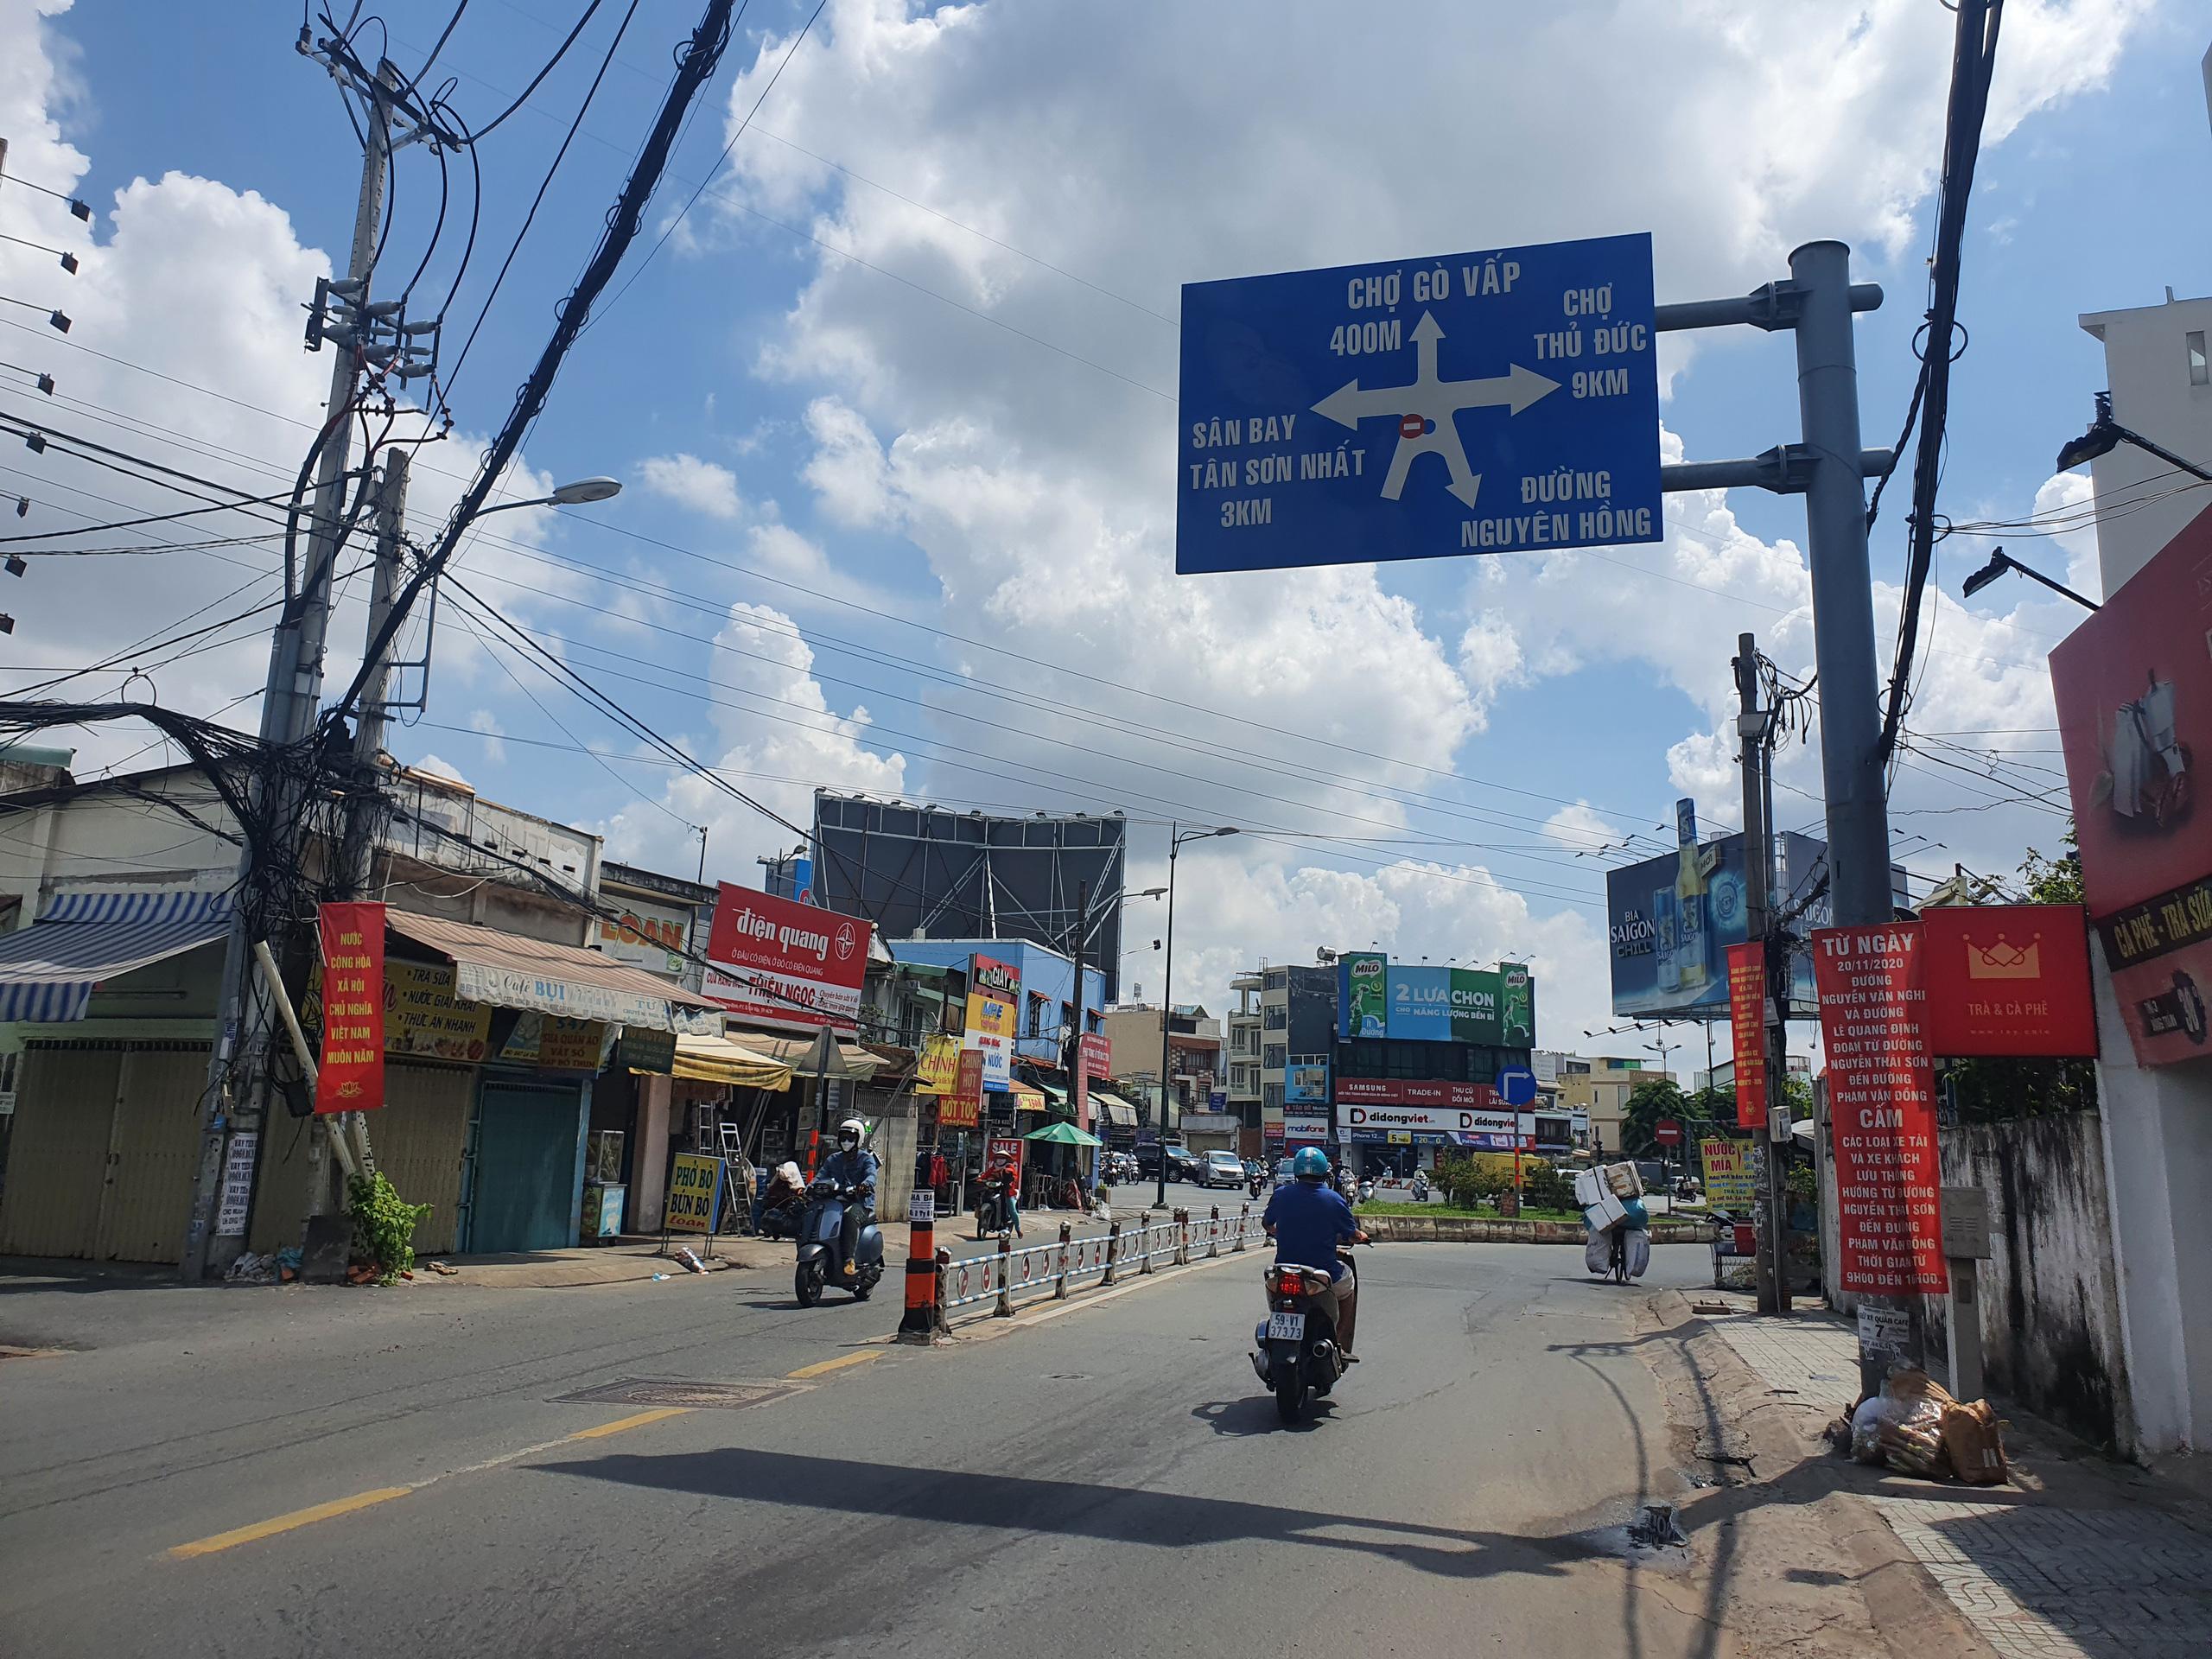 ẢNH: Ngày đầu giãn cách xã hội, đường TP.HCM không kẹt xe từ sáng tới chiều, Gò Vấp tạm dỡ chốt phong tỏa - Ảnh 12.